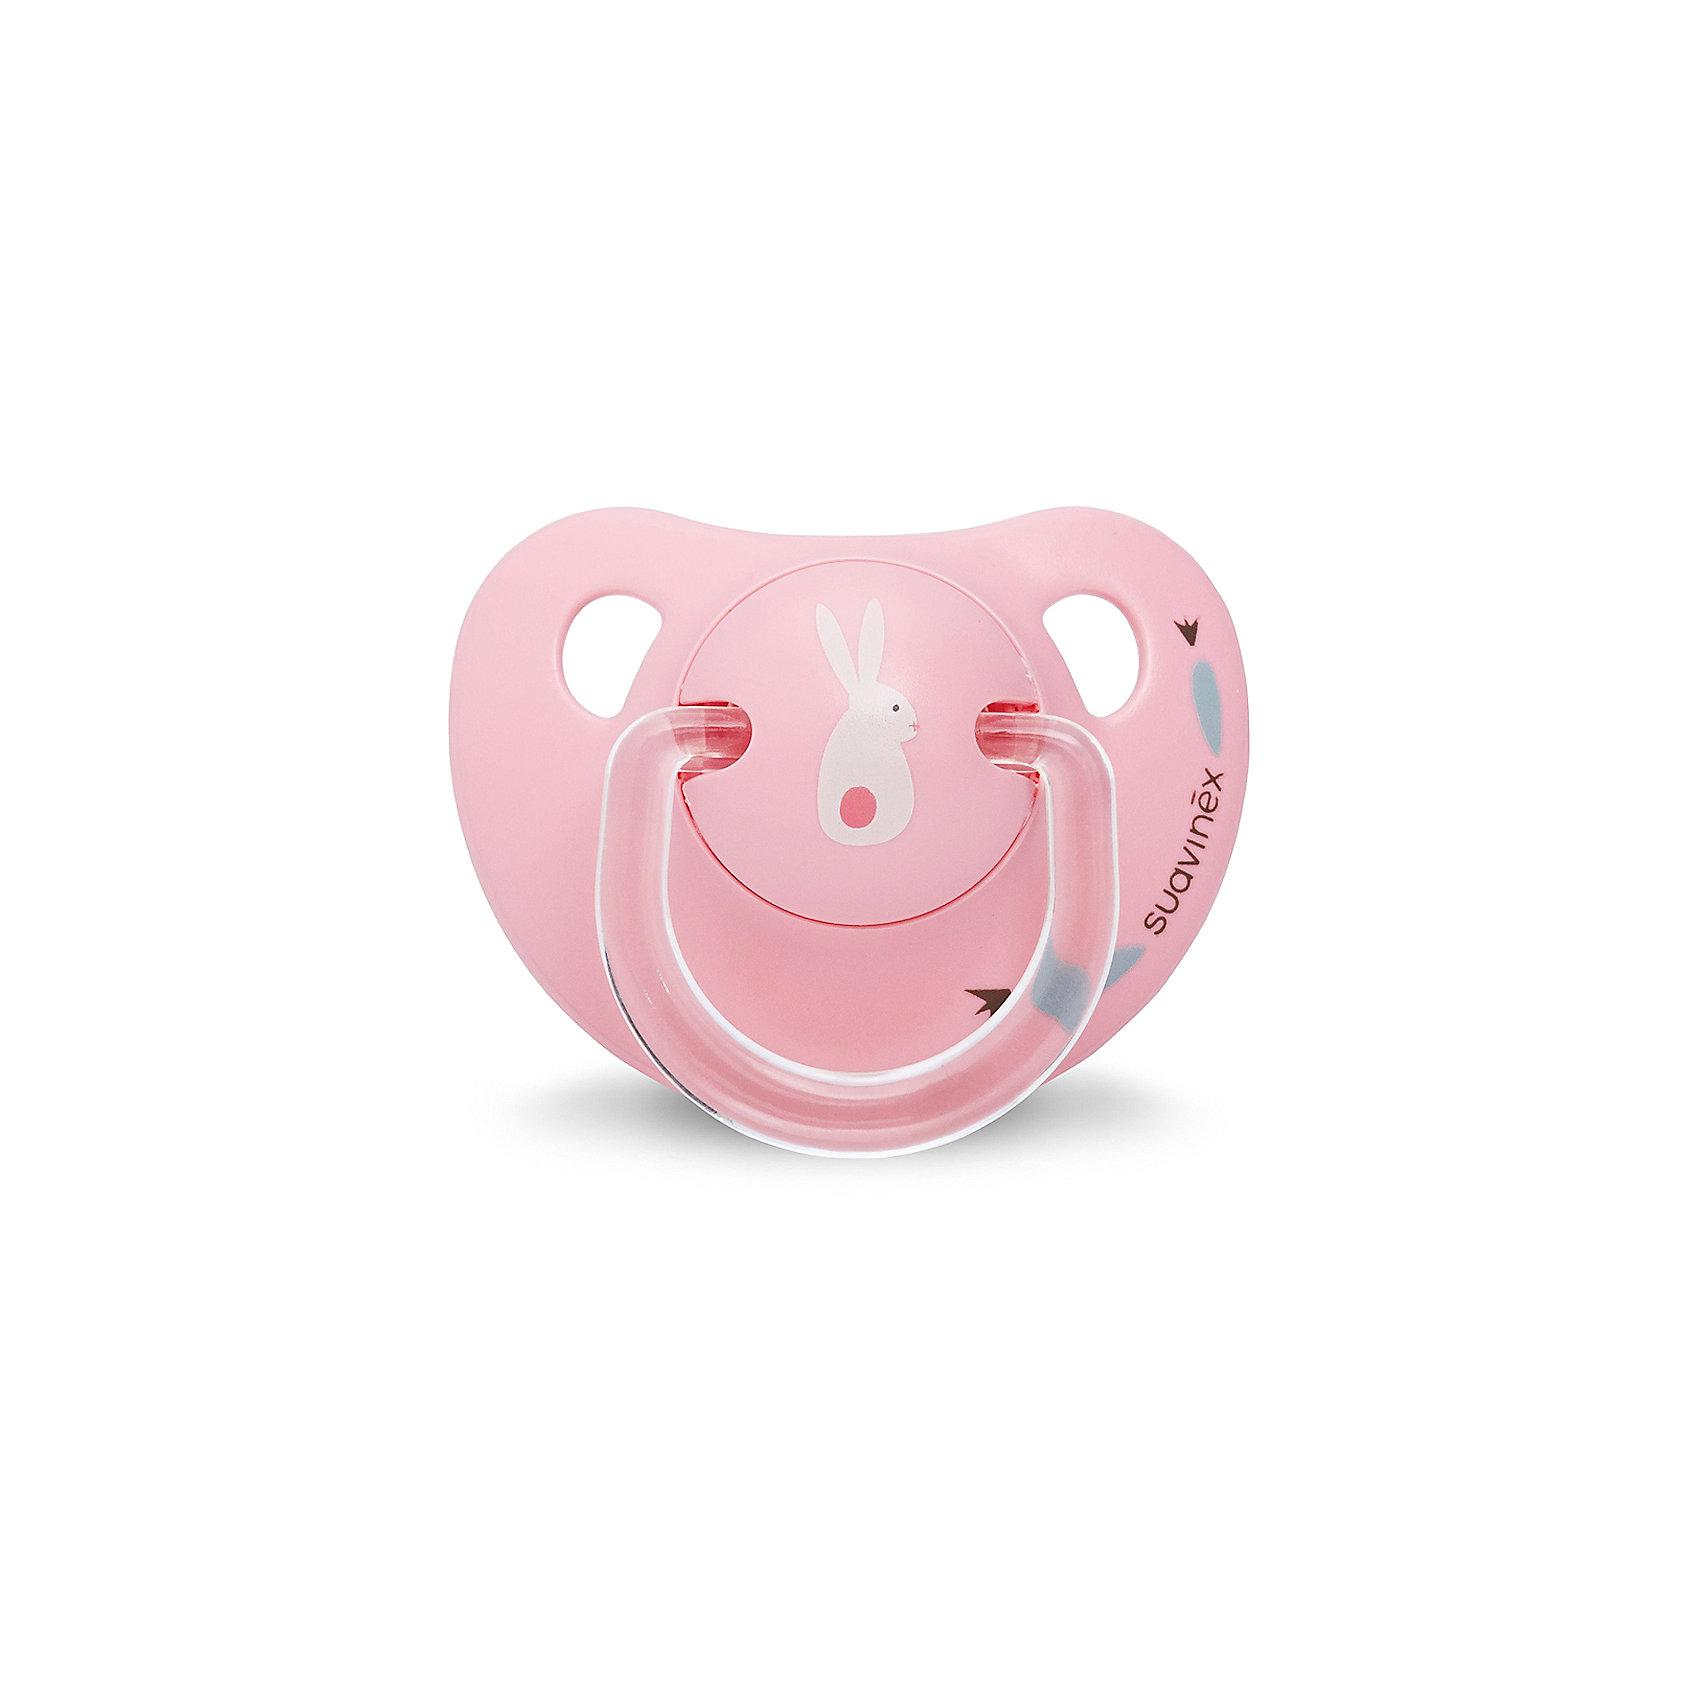 Пустышка силиконовая, 0-6 мес, Suavinex, розововый кроликХарактеристики:<br><br>• Наименование: пустышка<br>• Рекомендуемый возраст: от 0 до 6 месяцев<br>• Пол: для девочки<br>• Материал: силикон, пластик<br>• Цвет: розовый, белый<br>• Рисунок: кролик<br>• Форма: анатомическая<br>• Наличие вентиляционных отверстий <br>• Кольцо для держателя<br>• Вес: 27 г<br>• Параметры (Д*Ш*В): 5,4*6,5*10,9 см <br>• Особенности ухода: можно мыть в теплой воде, регулярная стерилизация <br><br>Пустышка силиконовая 0-6 мес, Suavinex, розовый кролик изготовлена испанским торговым брендом, специализирующимся на выпуске товаров для кормления и аксессуаров новорожденным и младенцам. Продукция от Suavinex разработана с учетом рекомендаций педиатров и стоматологов, что гарантирует качество и безопасность использованных материалов. <br><br>Пластик, из которого изготовлено изделие, устойчив к появлению царапин и сколов, благодаря чему пустышка длительное время сохраняет свои гигиенические свойства. Форма у соски способствует равномерному распределению давления на небо, что обеспечивает правильное формирование речевого аппарата. <br><br>Пустышка имеет анатомическую форму, для прикрепления держателя предусмотрено кольцо. Изделие выполнено в брендовом дизайне, с изображением кролика. Рисунок нанесен по инновационной технологии, которая обеспечивает его стойкость даже при длительном использовании и частой стерилизации.<br><br>Пустышку силиконовую 0-6 мес, Suavinex, розовый кролик можно купить в нашем интернет-магазине.<br><br>Ширина мм: 54<br>Глубина мм: 65<br>Высота мм: 109<br>Вес г: 27<br>Возраст от месяцев: 0<br>Возраст до месяцев: 6<br>Пол: Женский<br>Возраст: Детский<br>SKU: 5451358